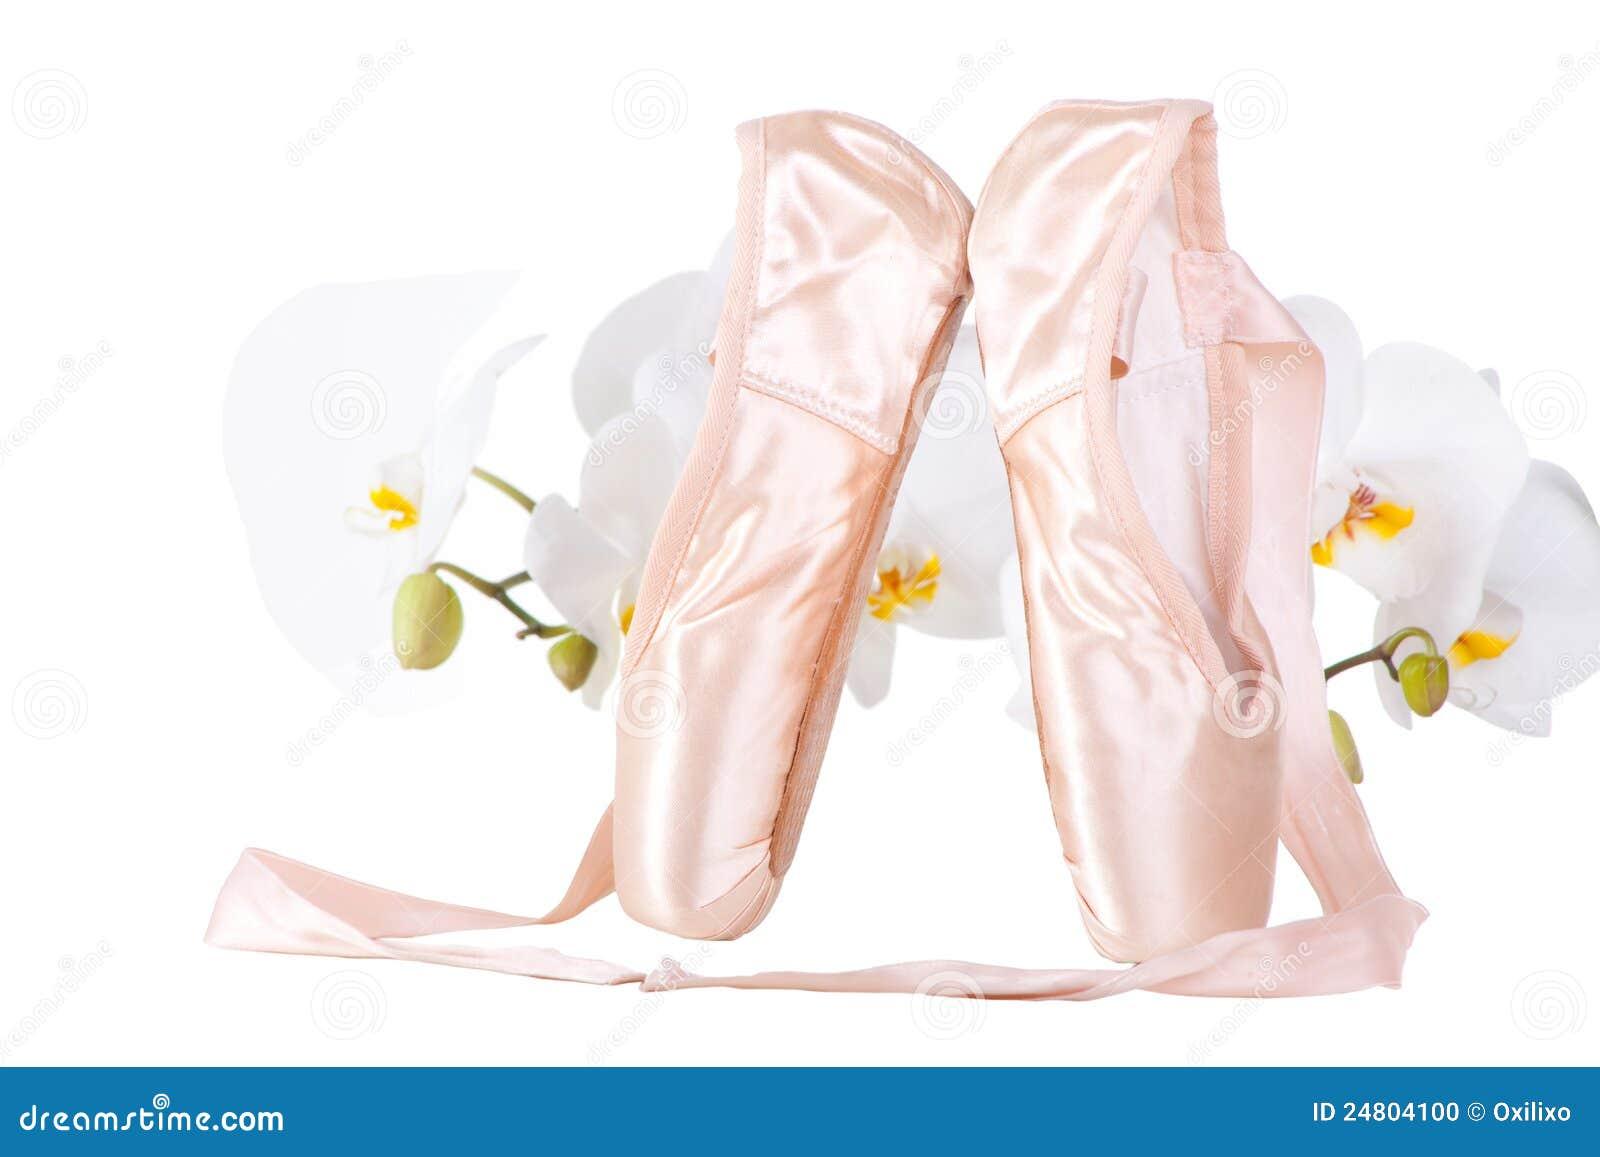 Pointes del ballet con las orquídeas en blanco aislado